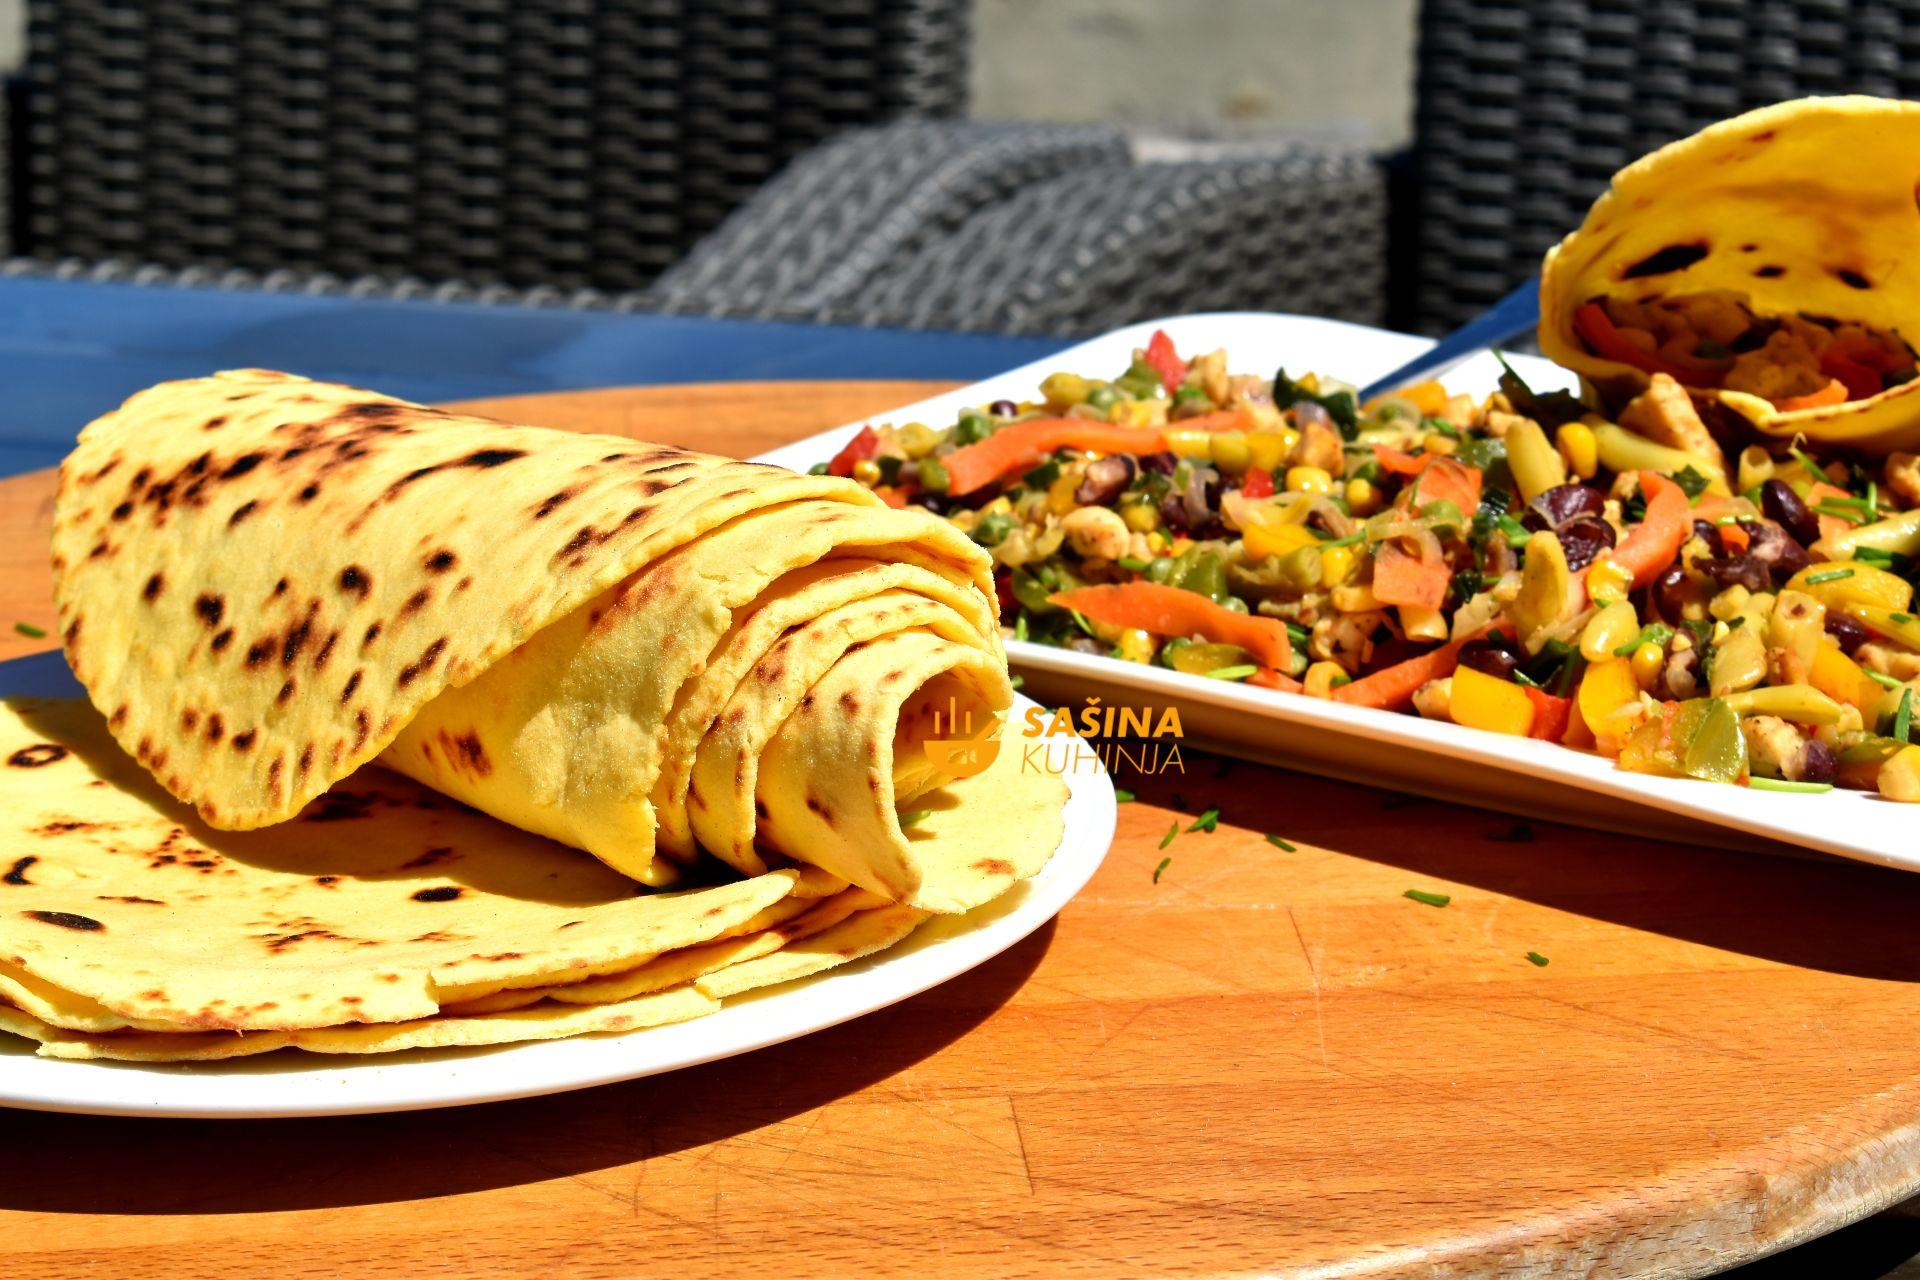 tortilje sa kukuruznim brašnom i piletina na meksički recept